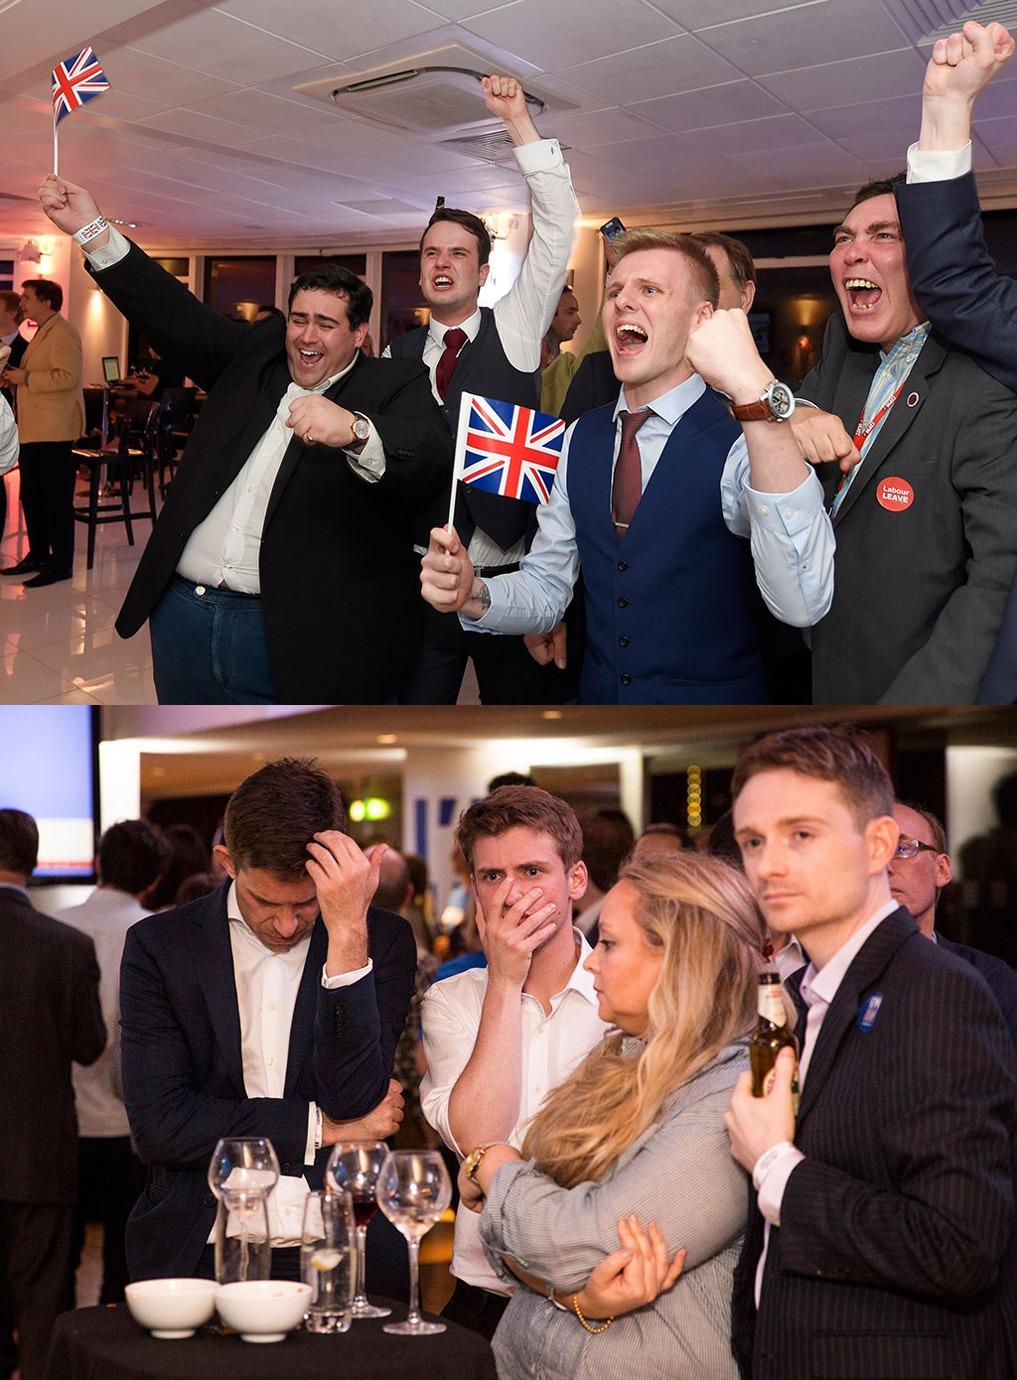 о членстве Британии в Европейском Союзе проголосовали за выход страны из Евросоюза